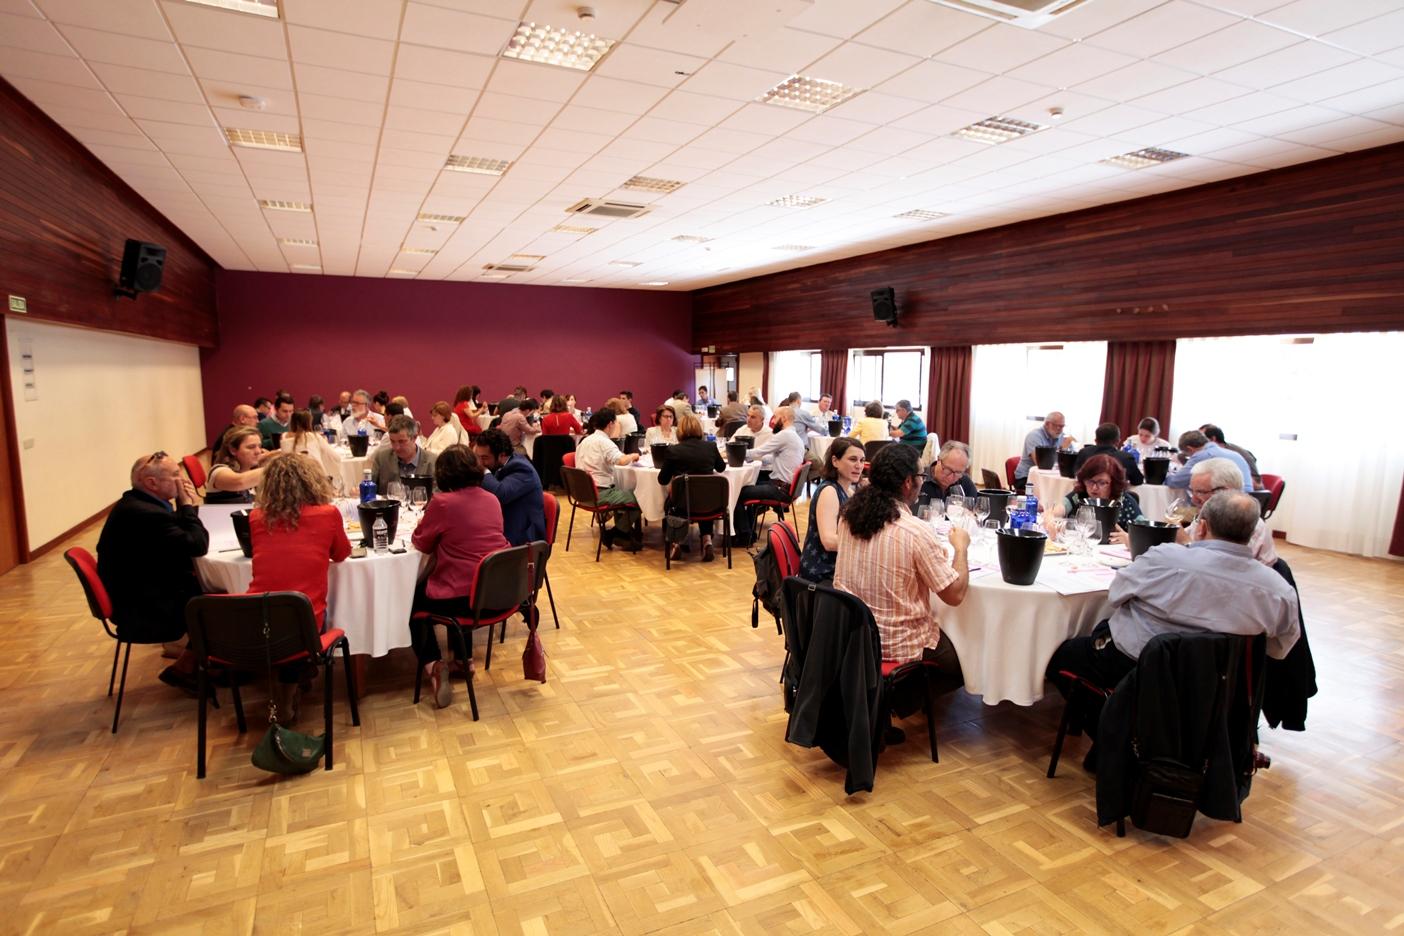 Sesiones tecnicas de cata Premios Baco cosecha 2015